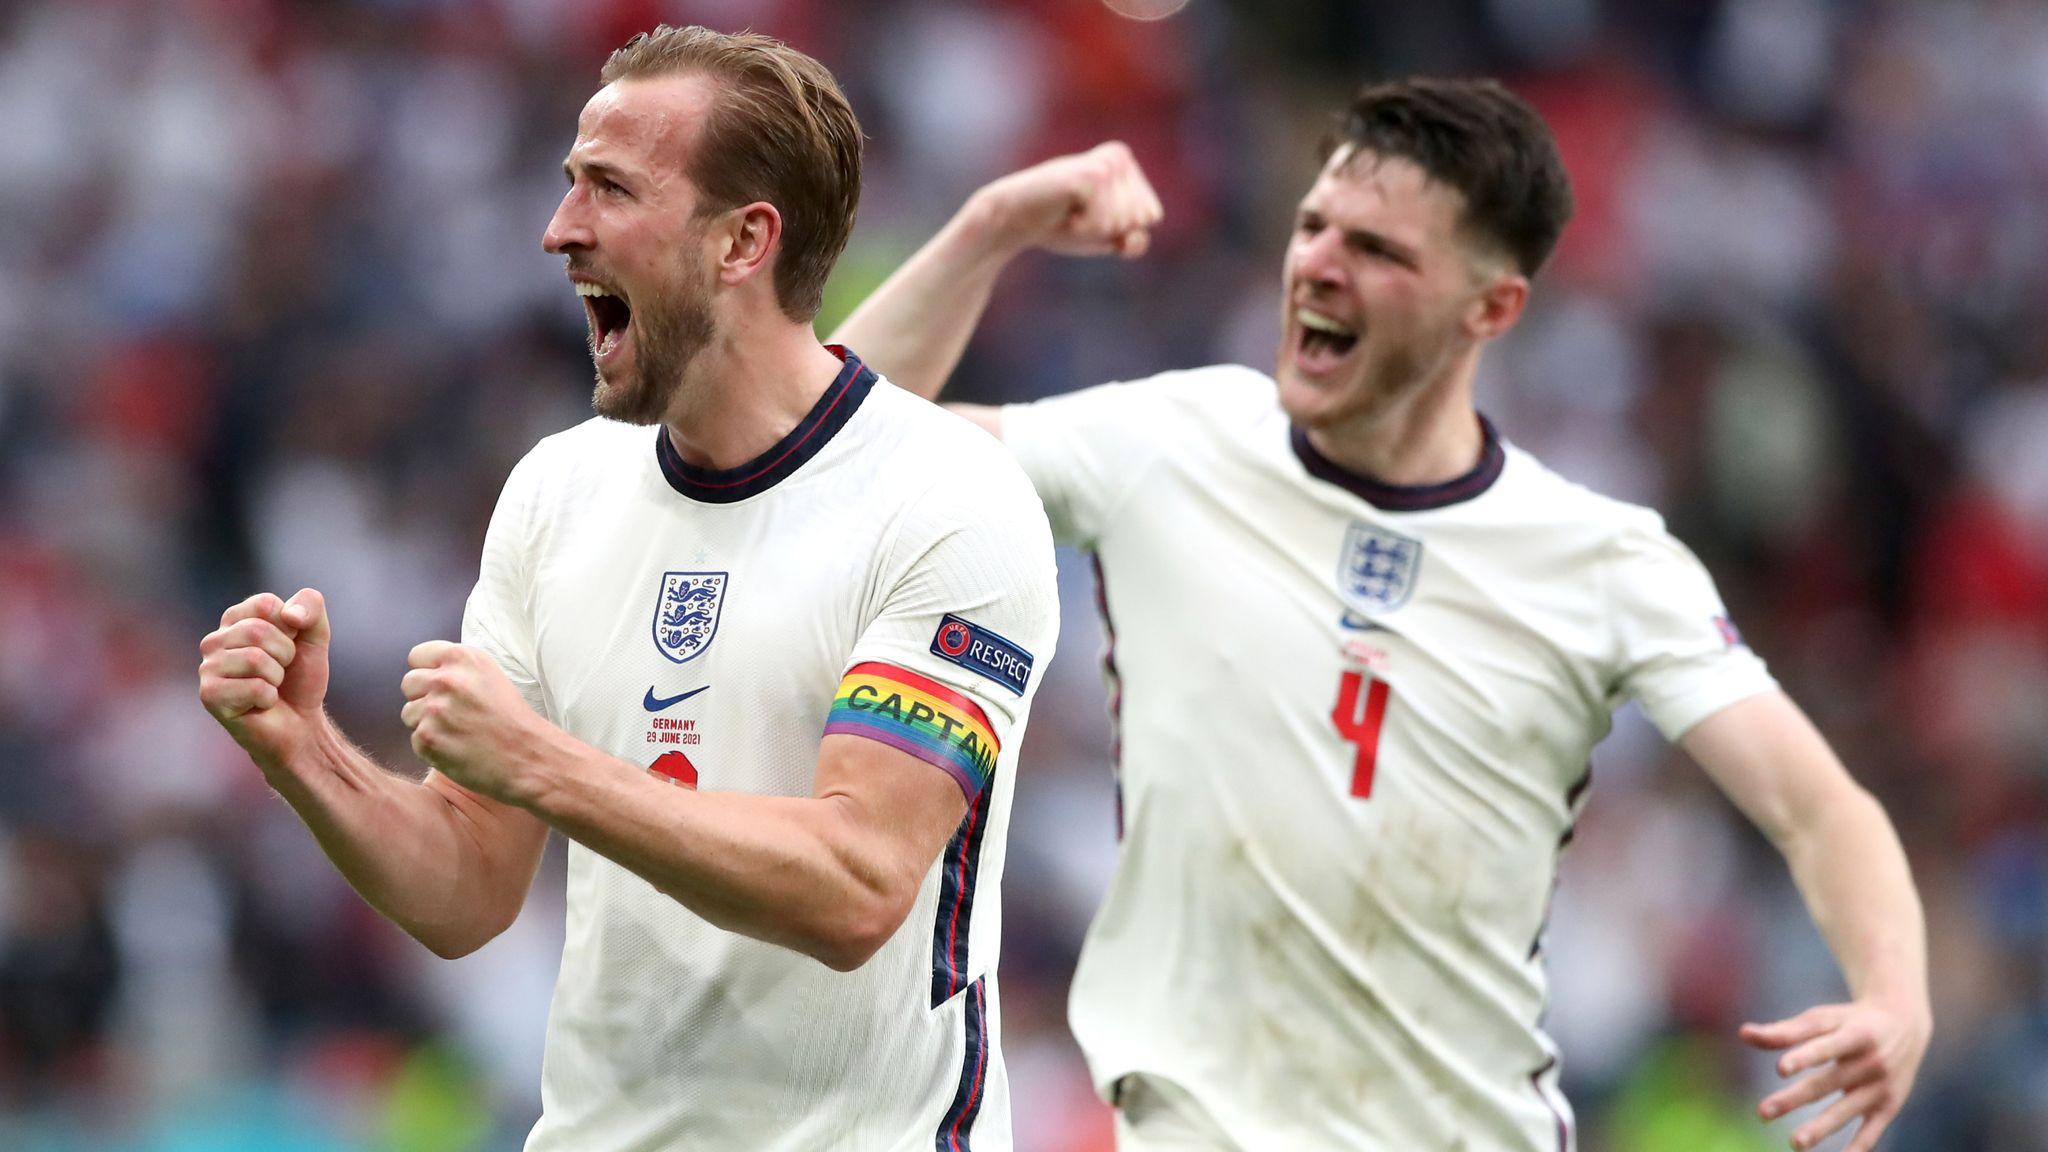 Euro 2020: Αποδόσεις για Πρωταθλητή και 1ο σκόρερ